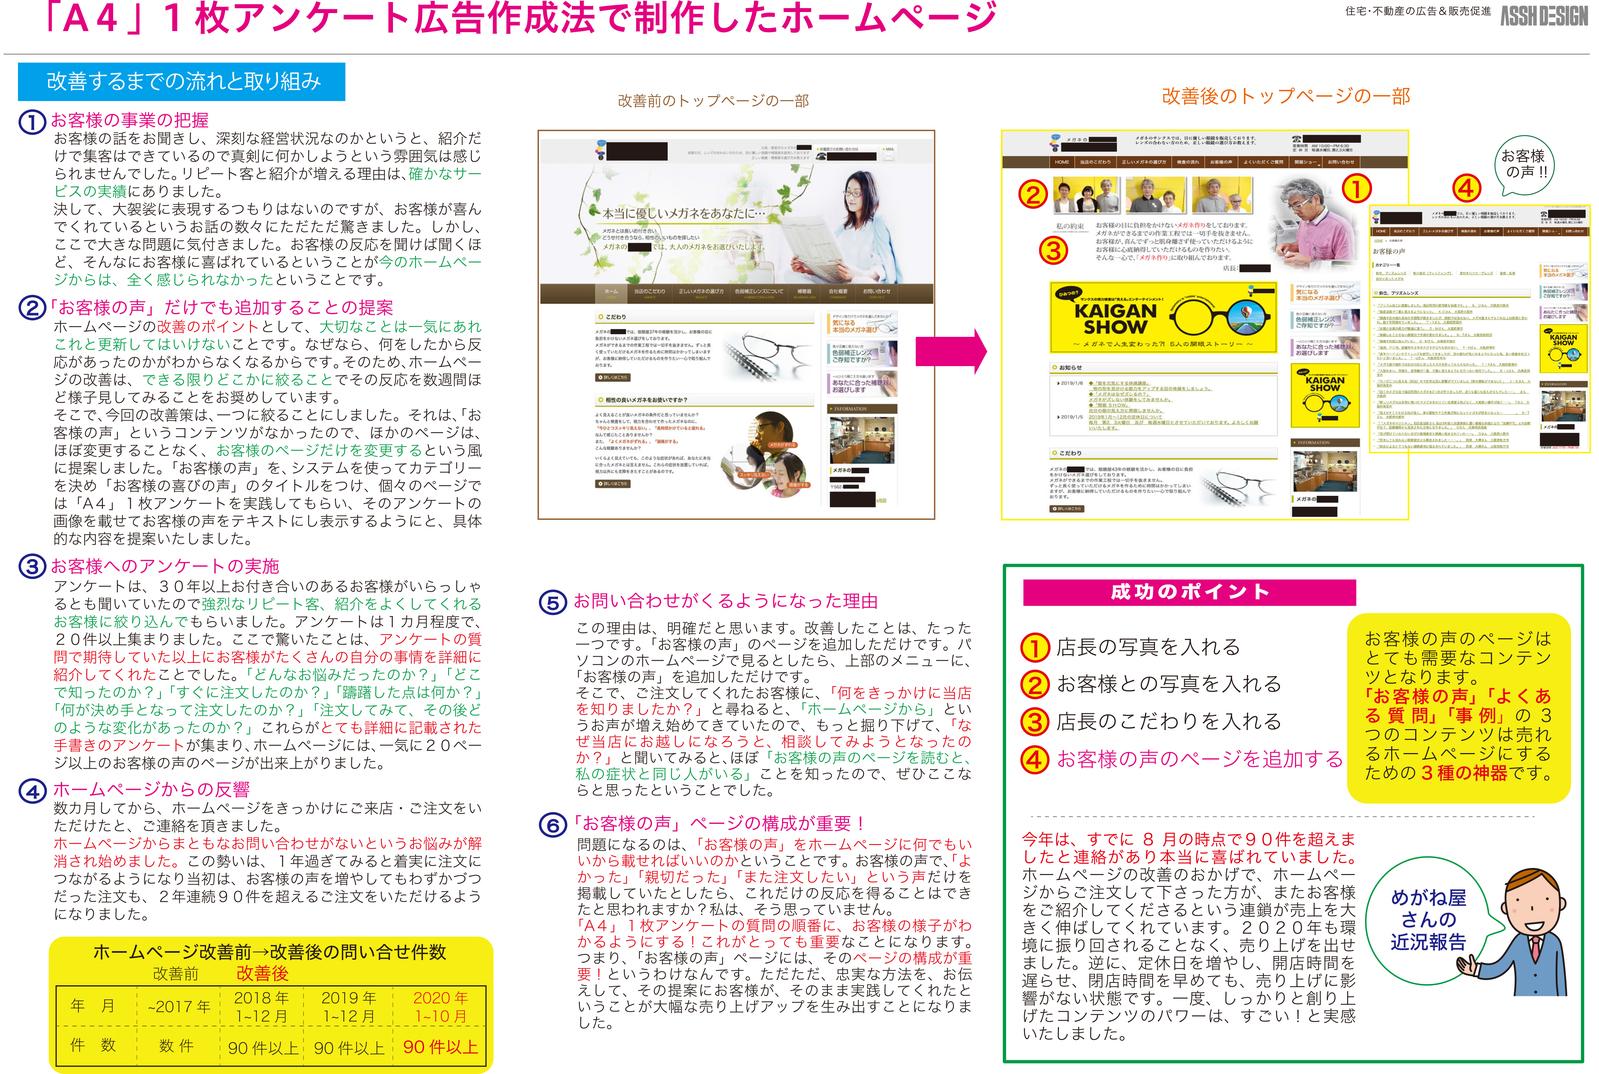 アッシュニュースレター2021年10月号